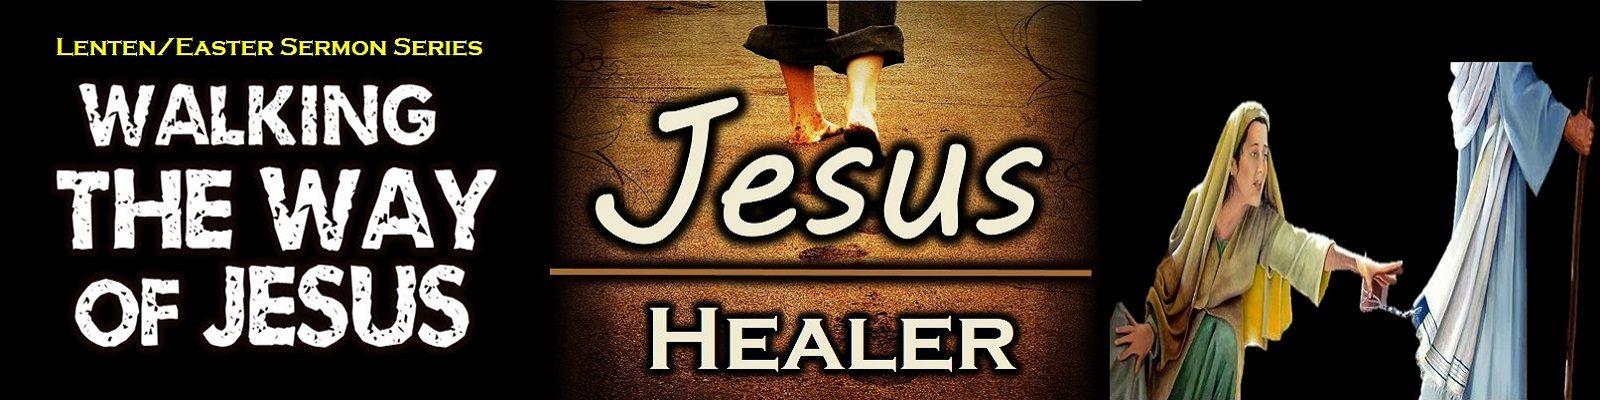 The Way Study #5 - Jesus Healer